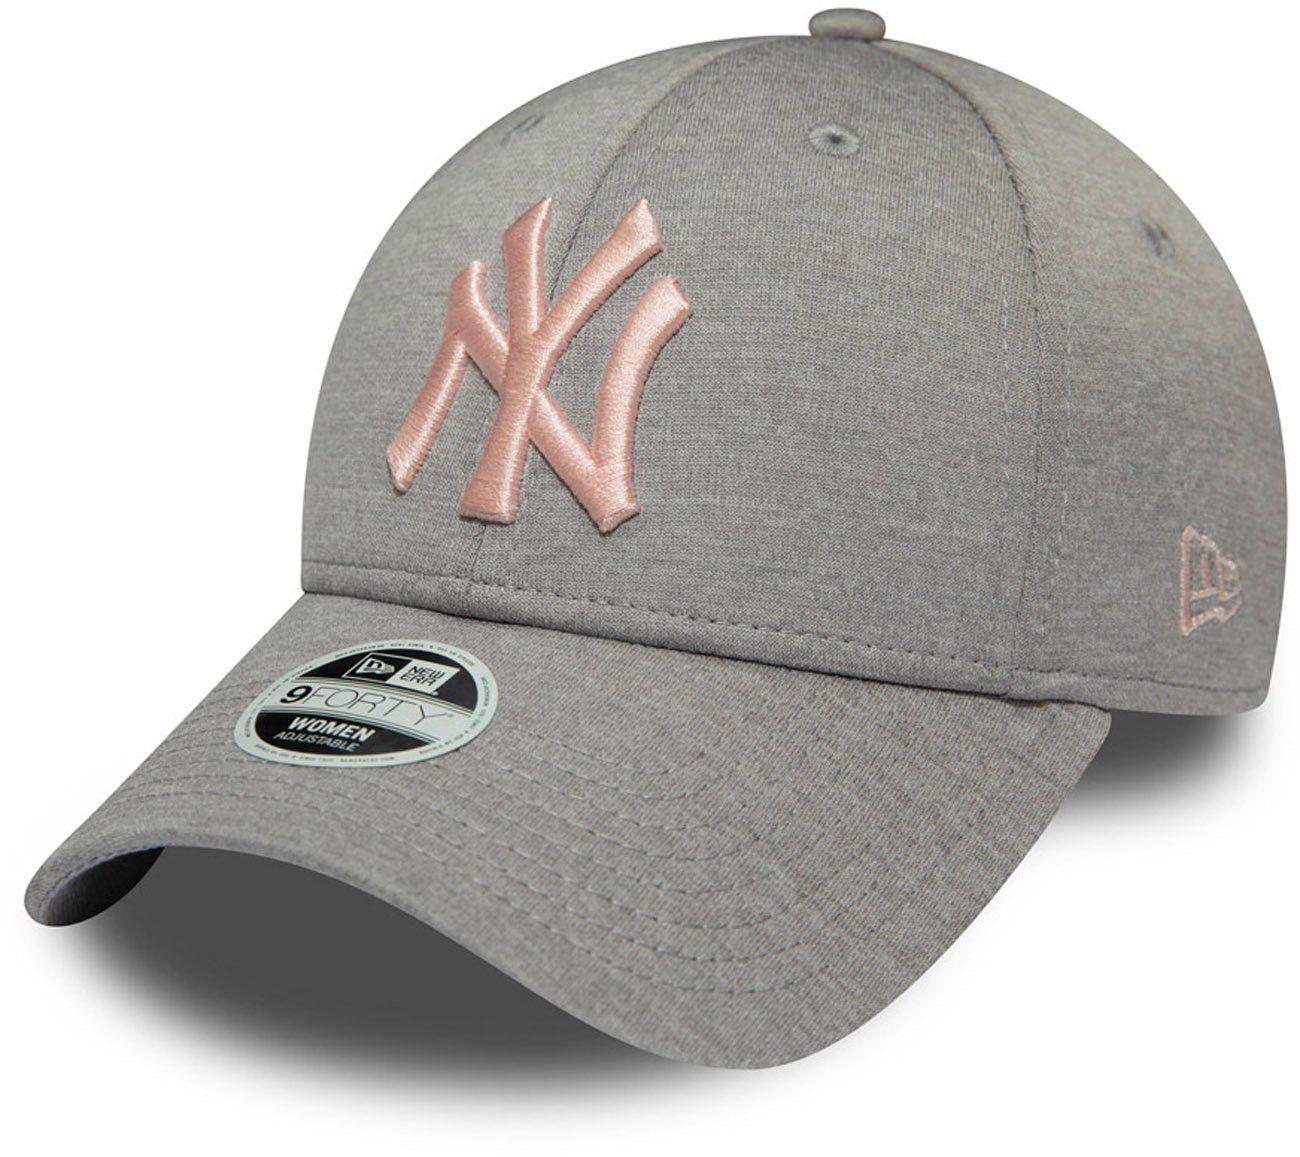 733609f0 NY Yankees Womens New Era 940 Shadow Tech Grey Baseball Cap – lovemycap